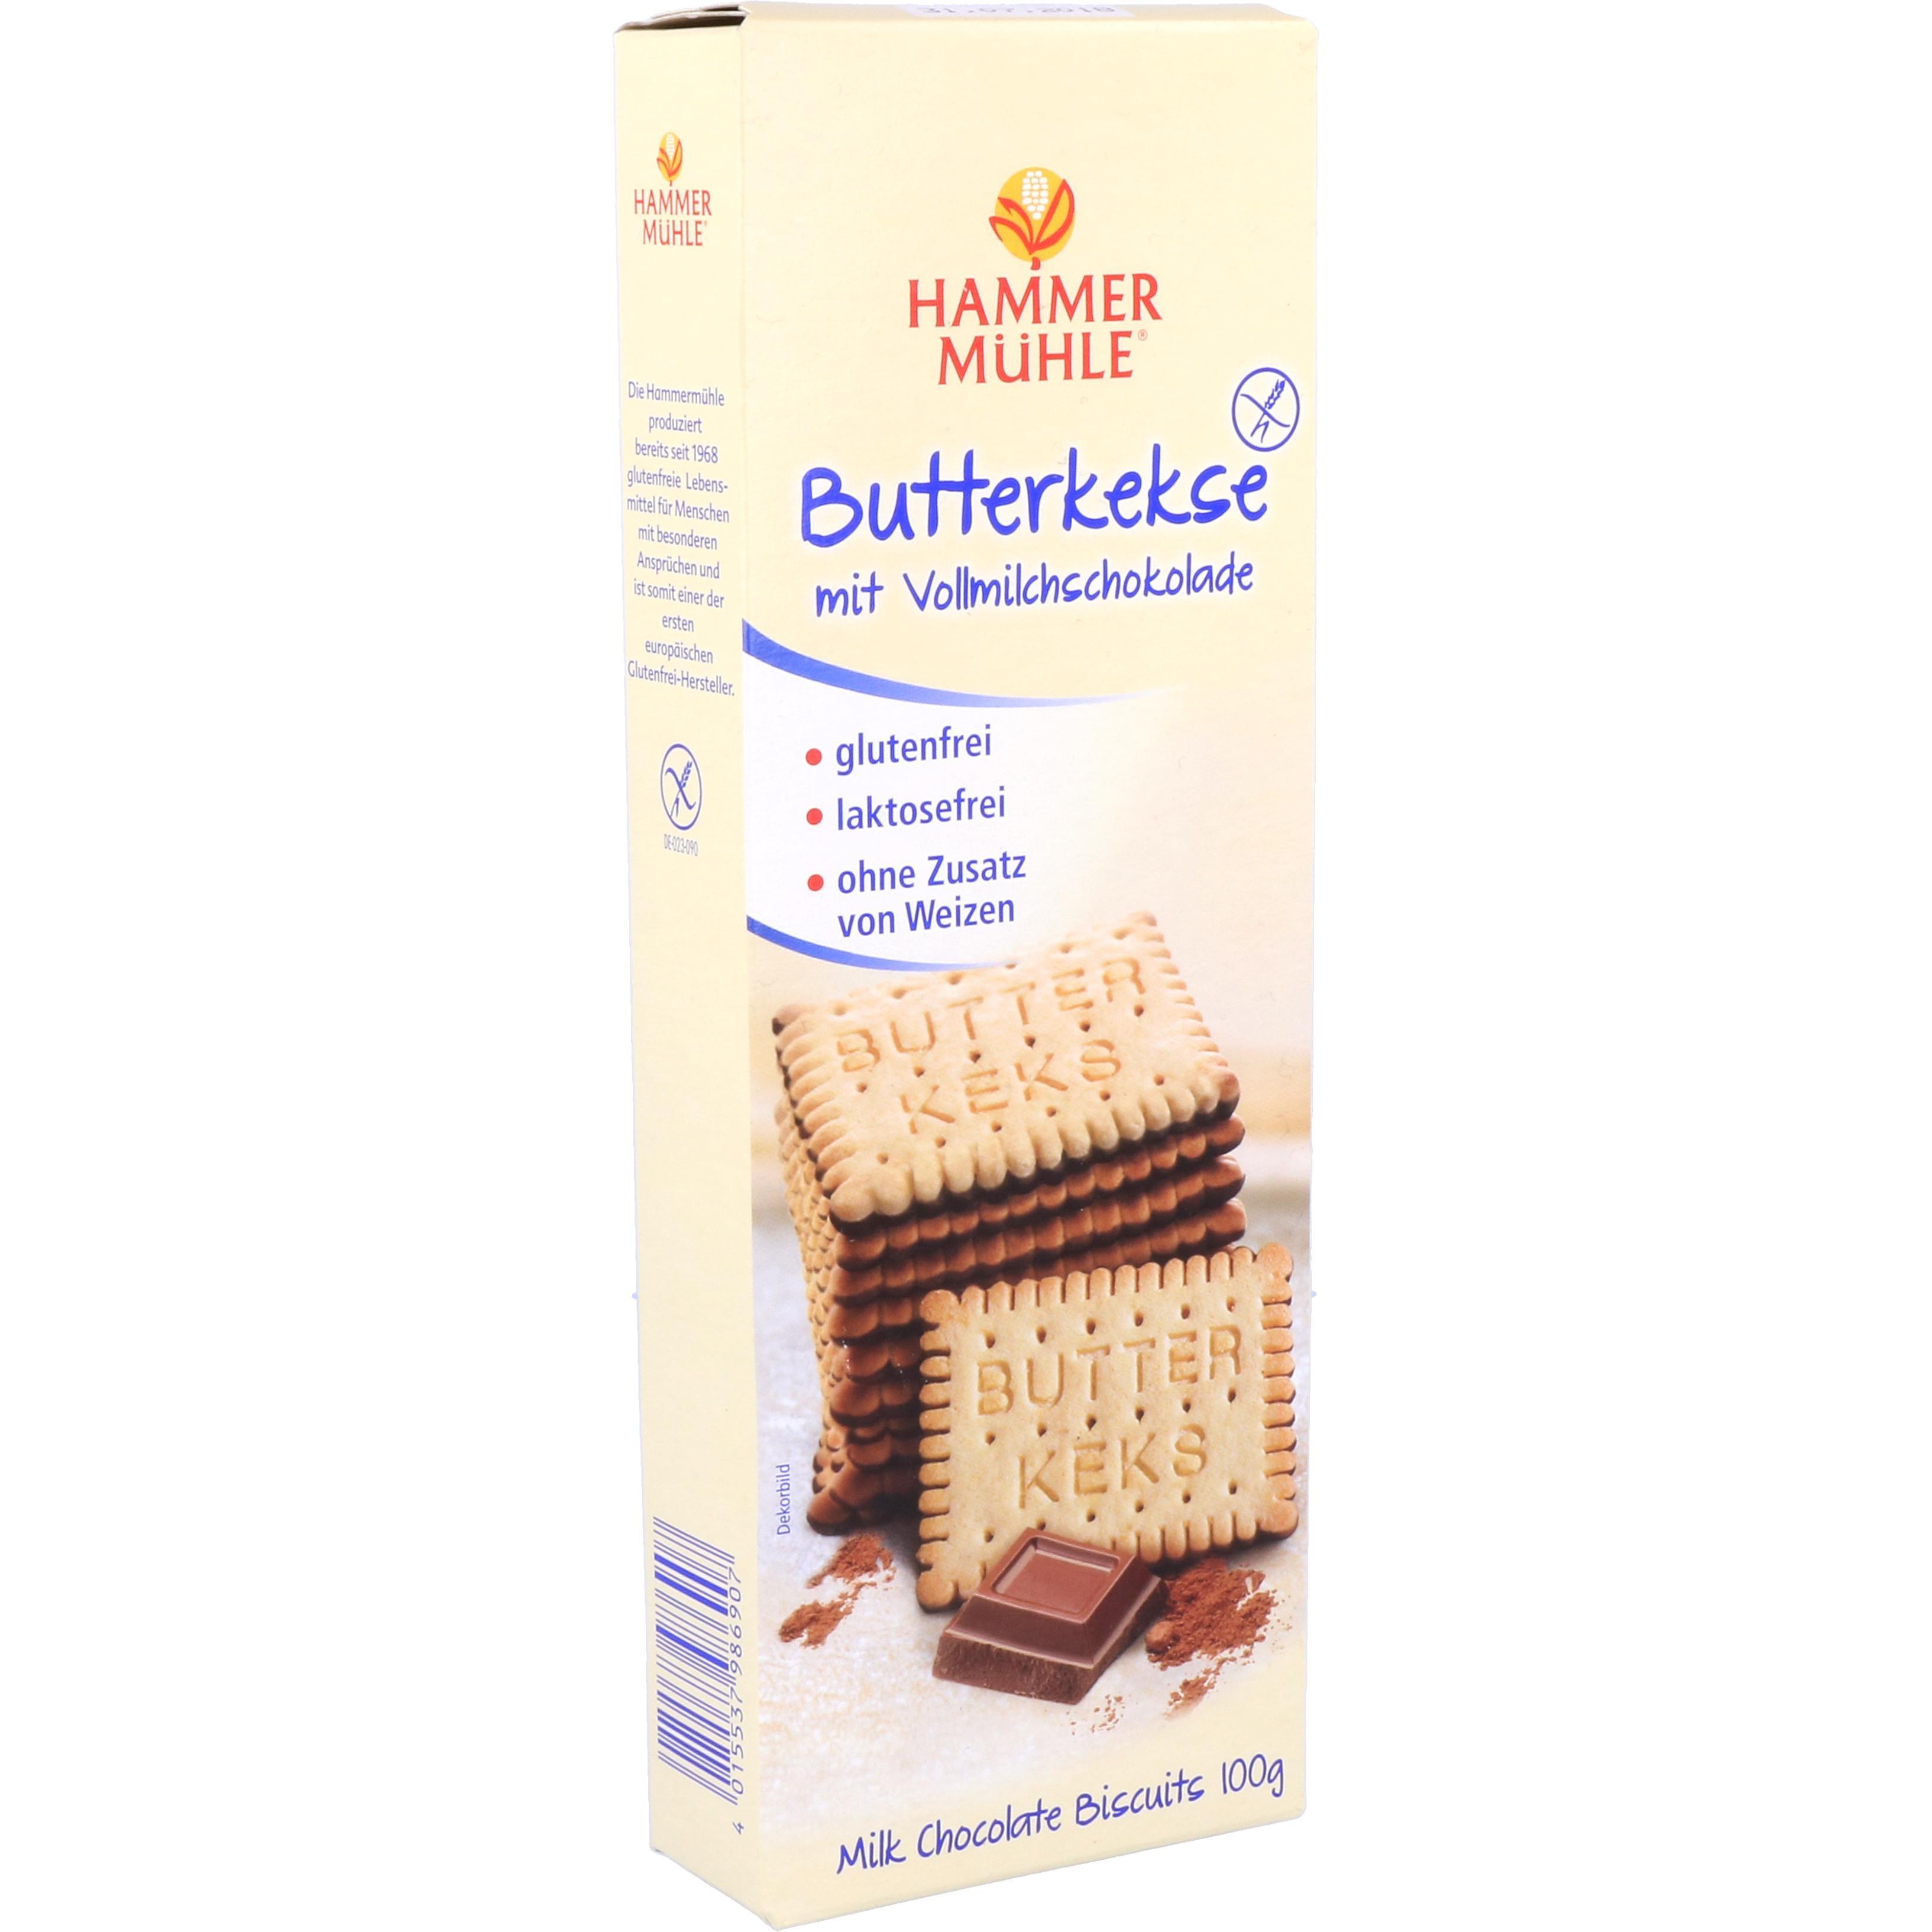 Hammermühle Butterkekse mit Vollmilchschokolade 100g